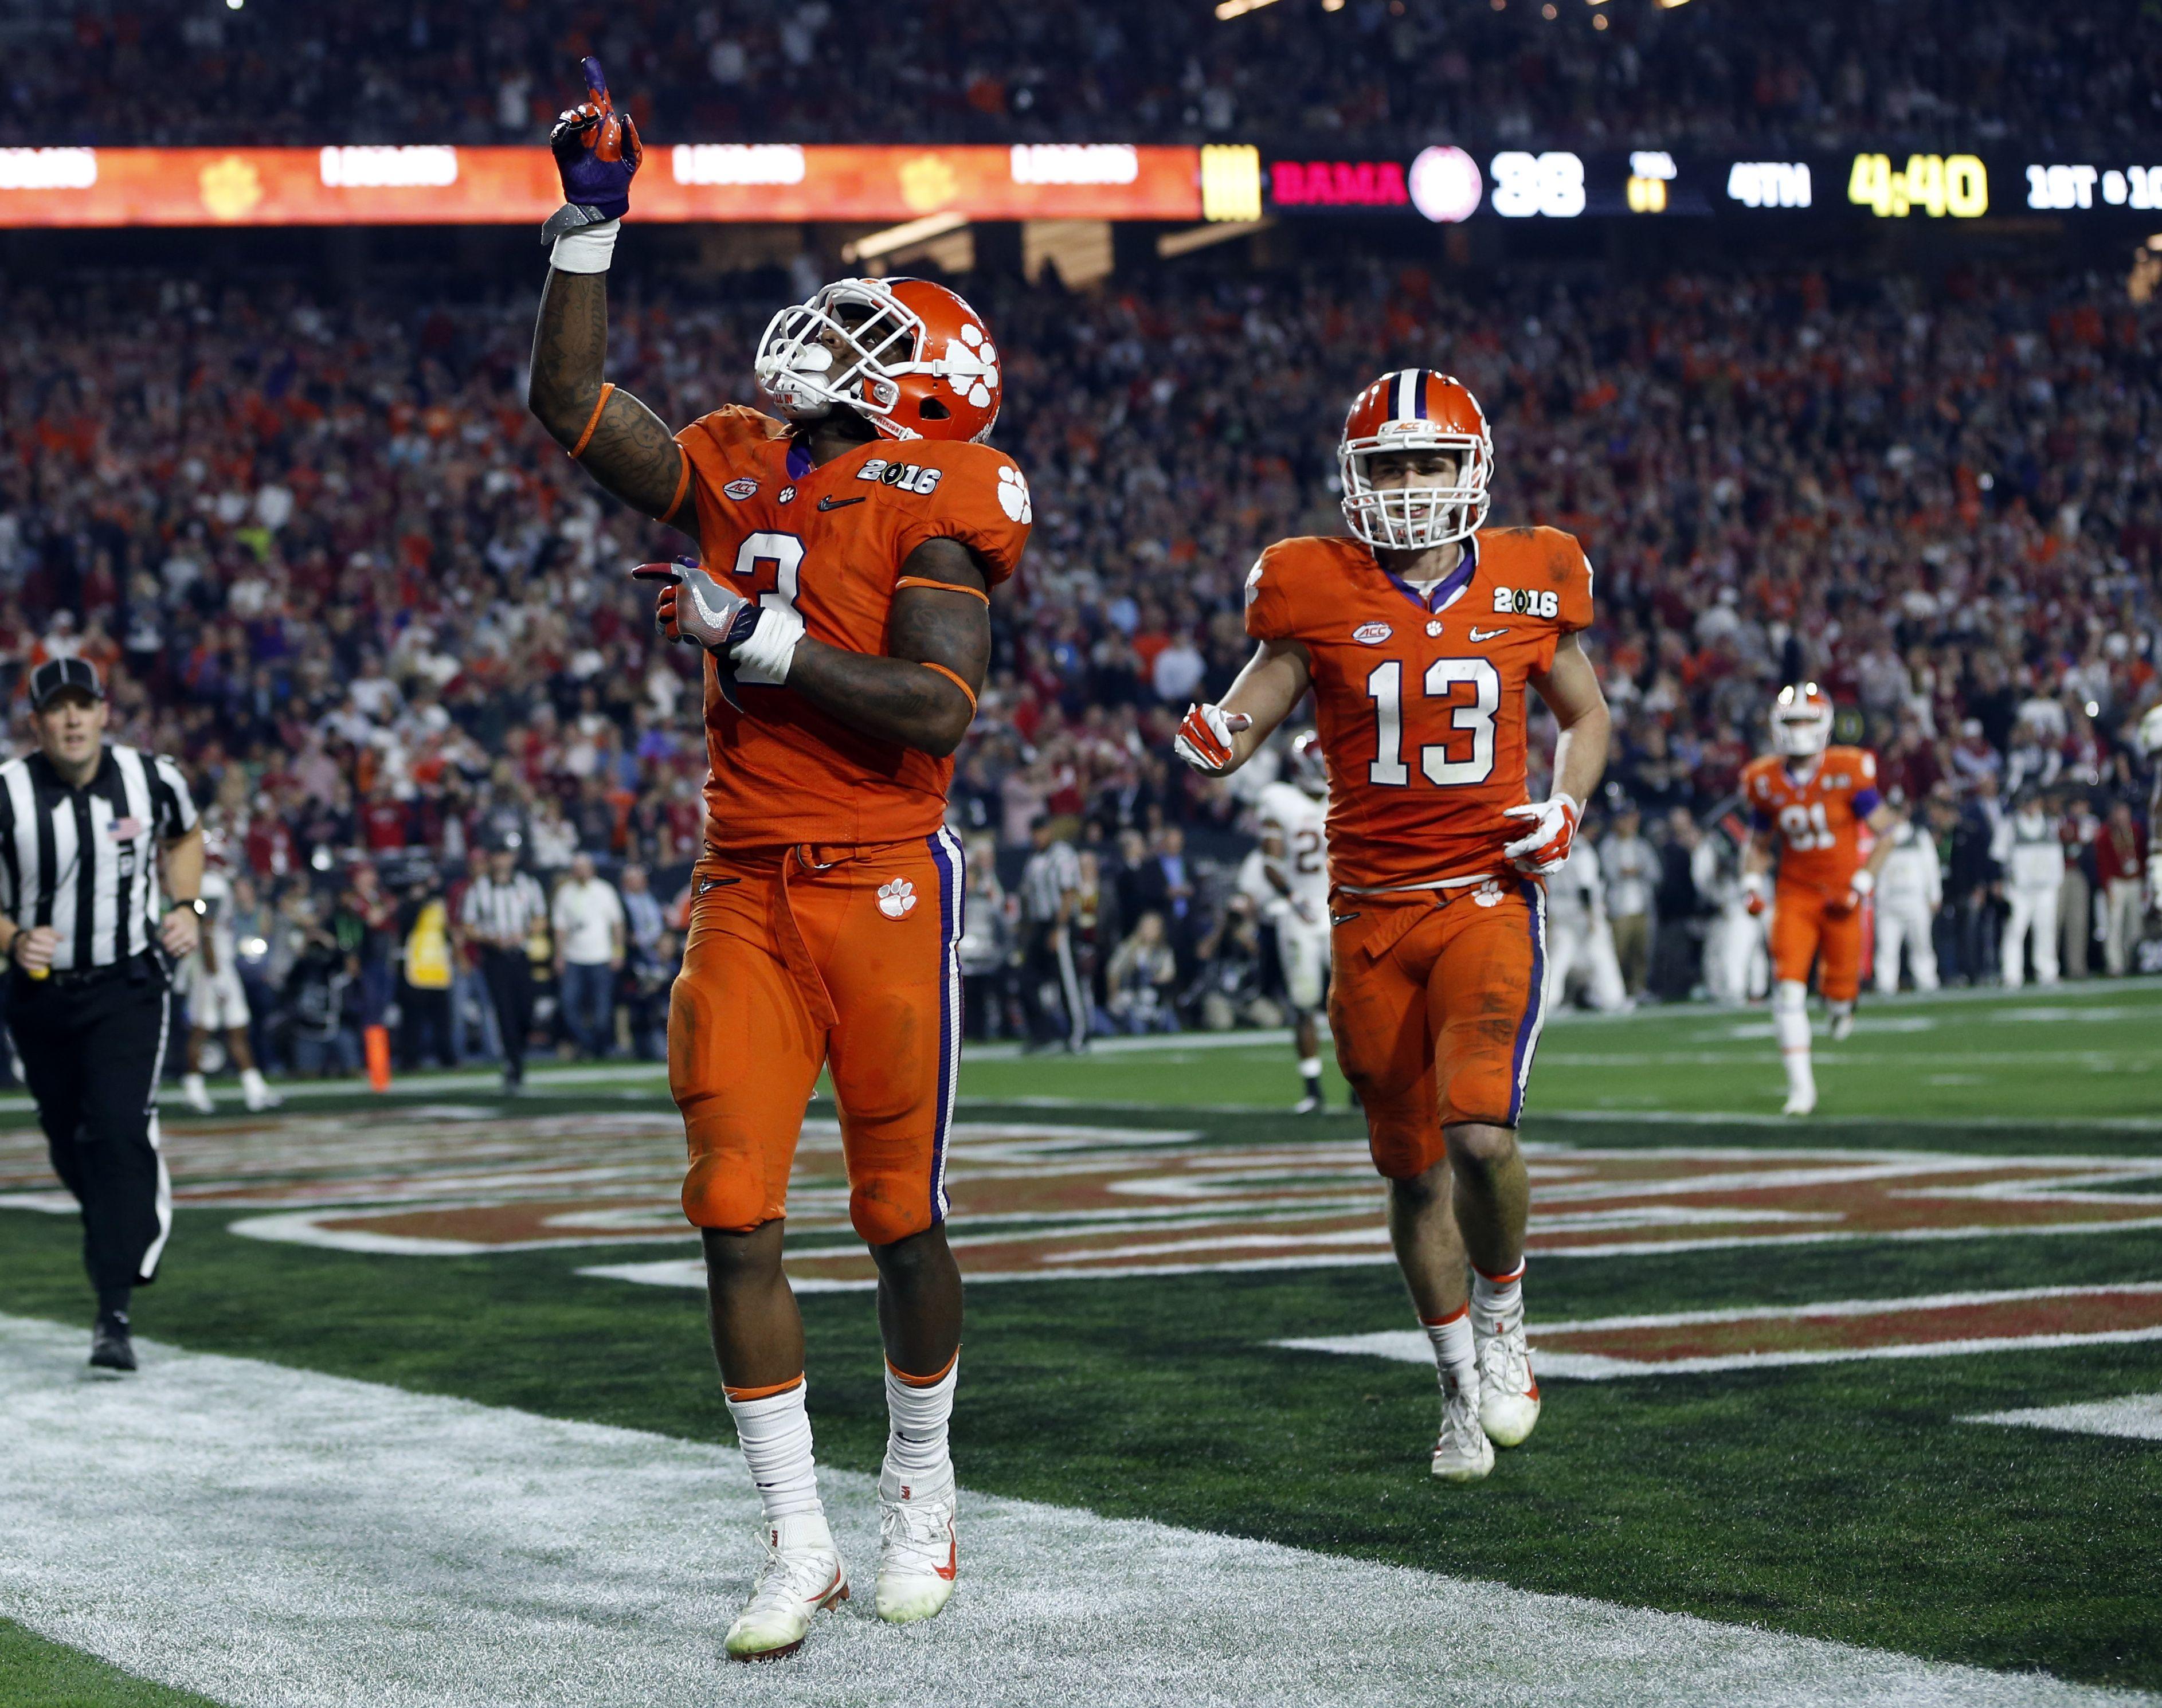 Clemson celebrates after a touchdown Clemson football